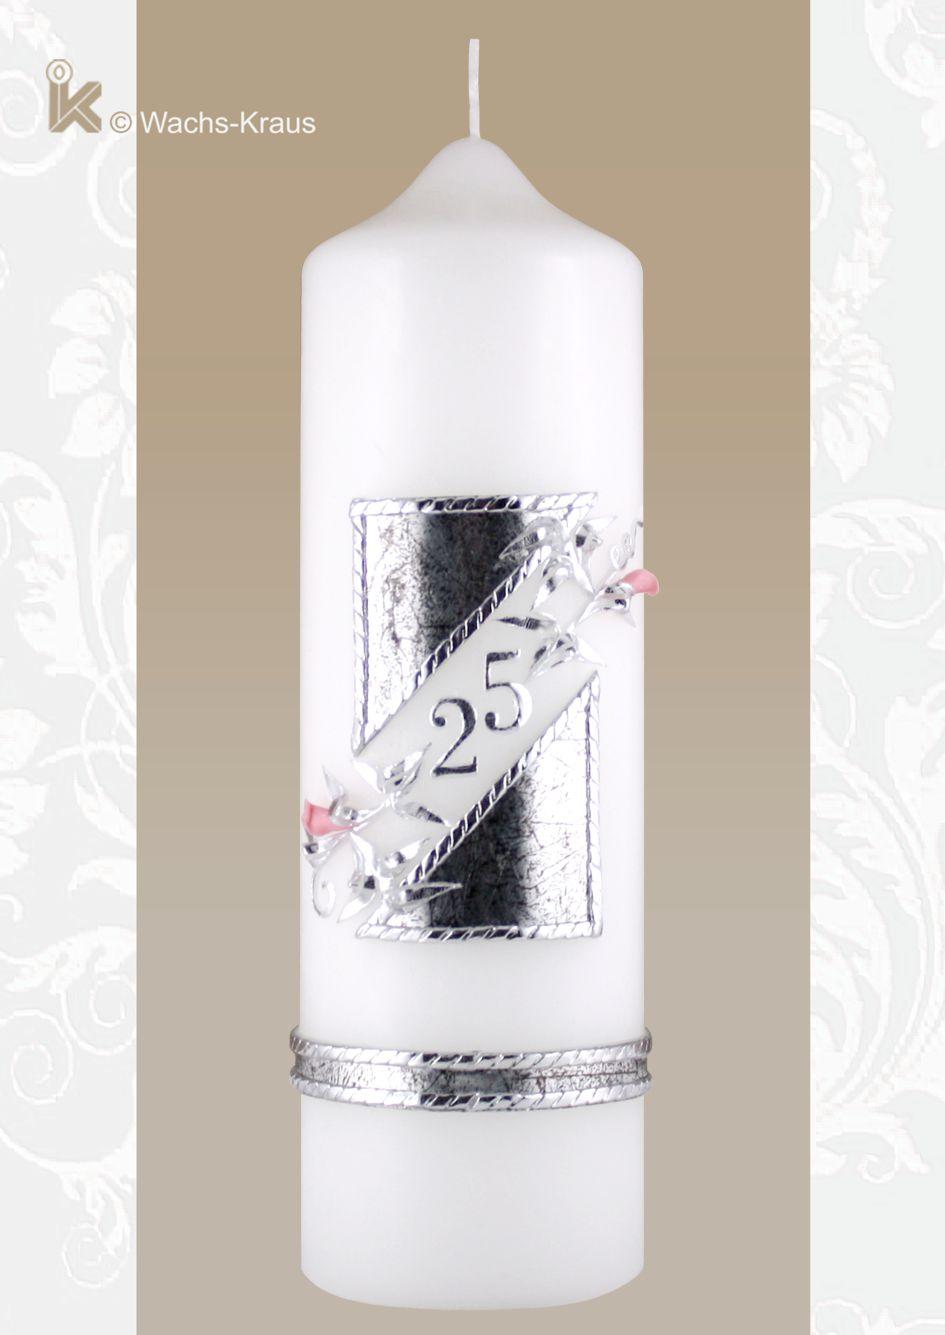 Kerze zur Silbernen Hochzeit moder im Design mit Blütenknospen